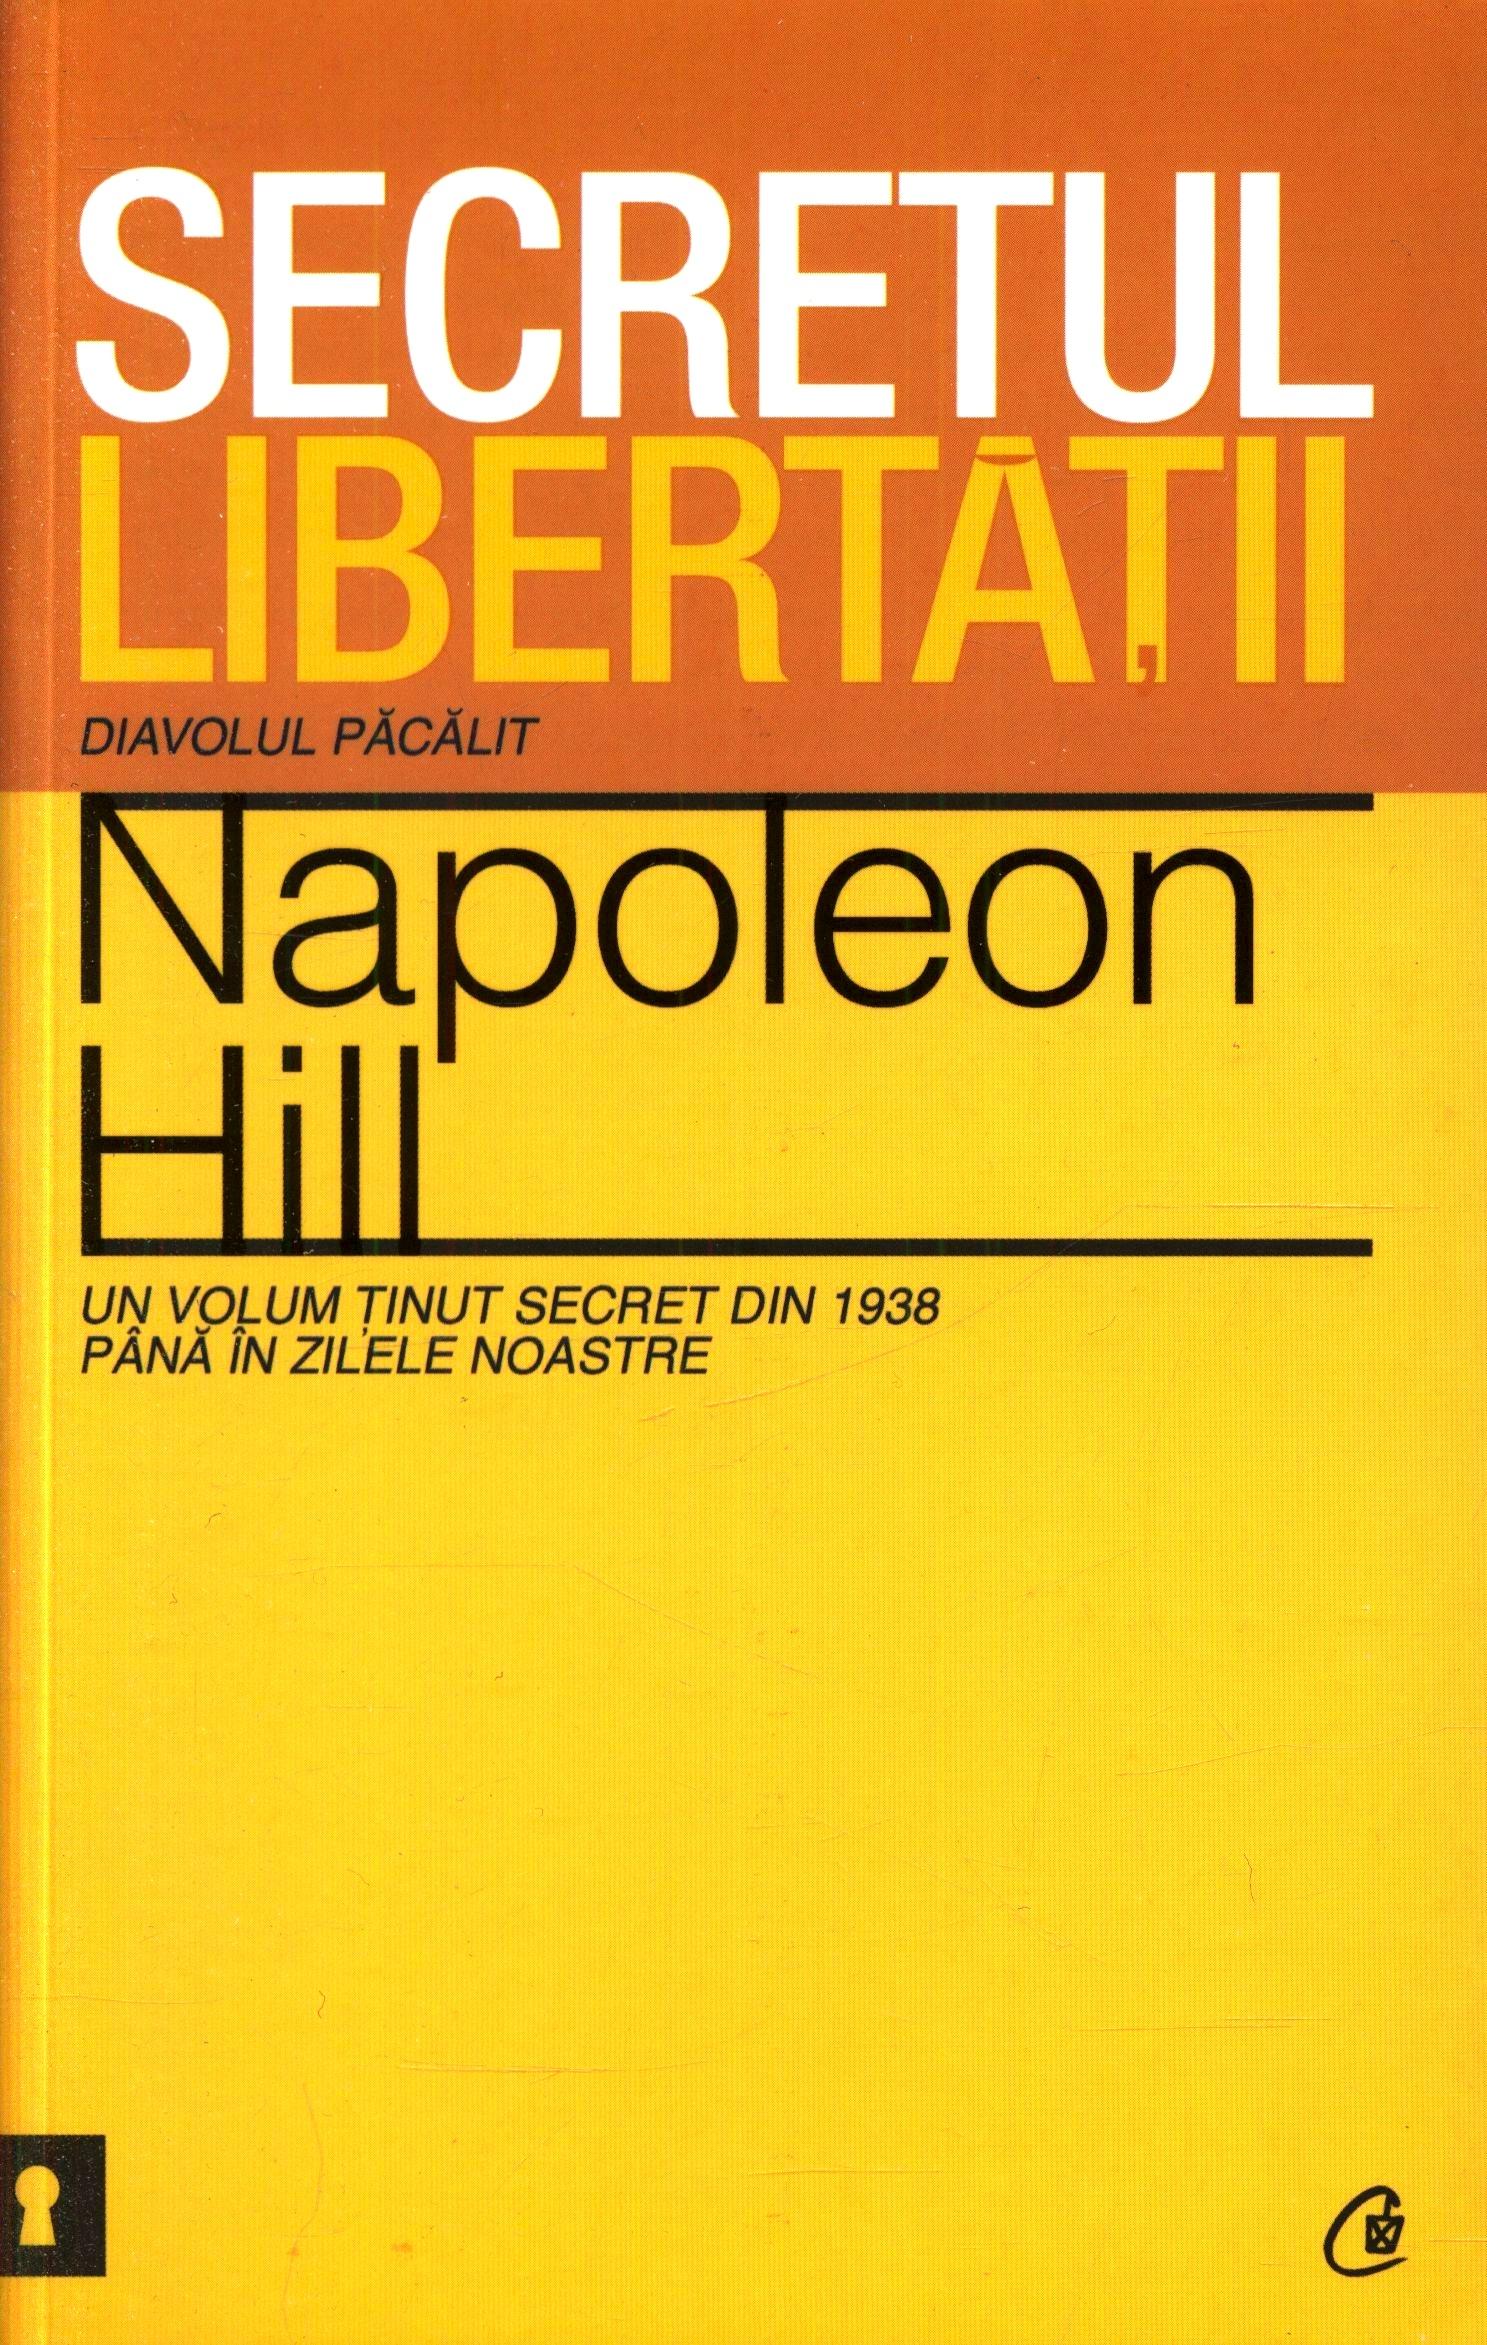 Secretul libertăţii. Diavolul păcălit - Napoleon Hill